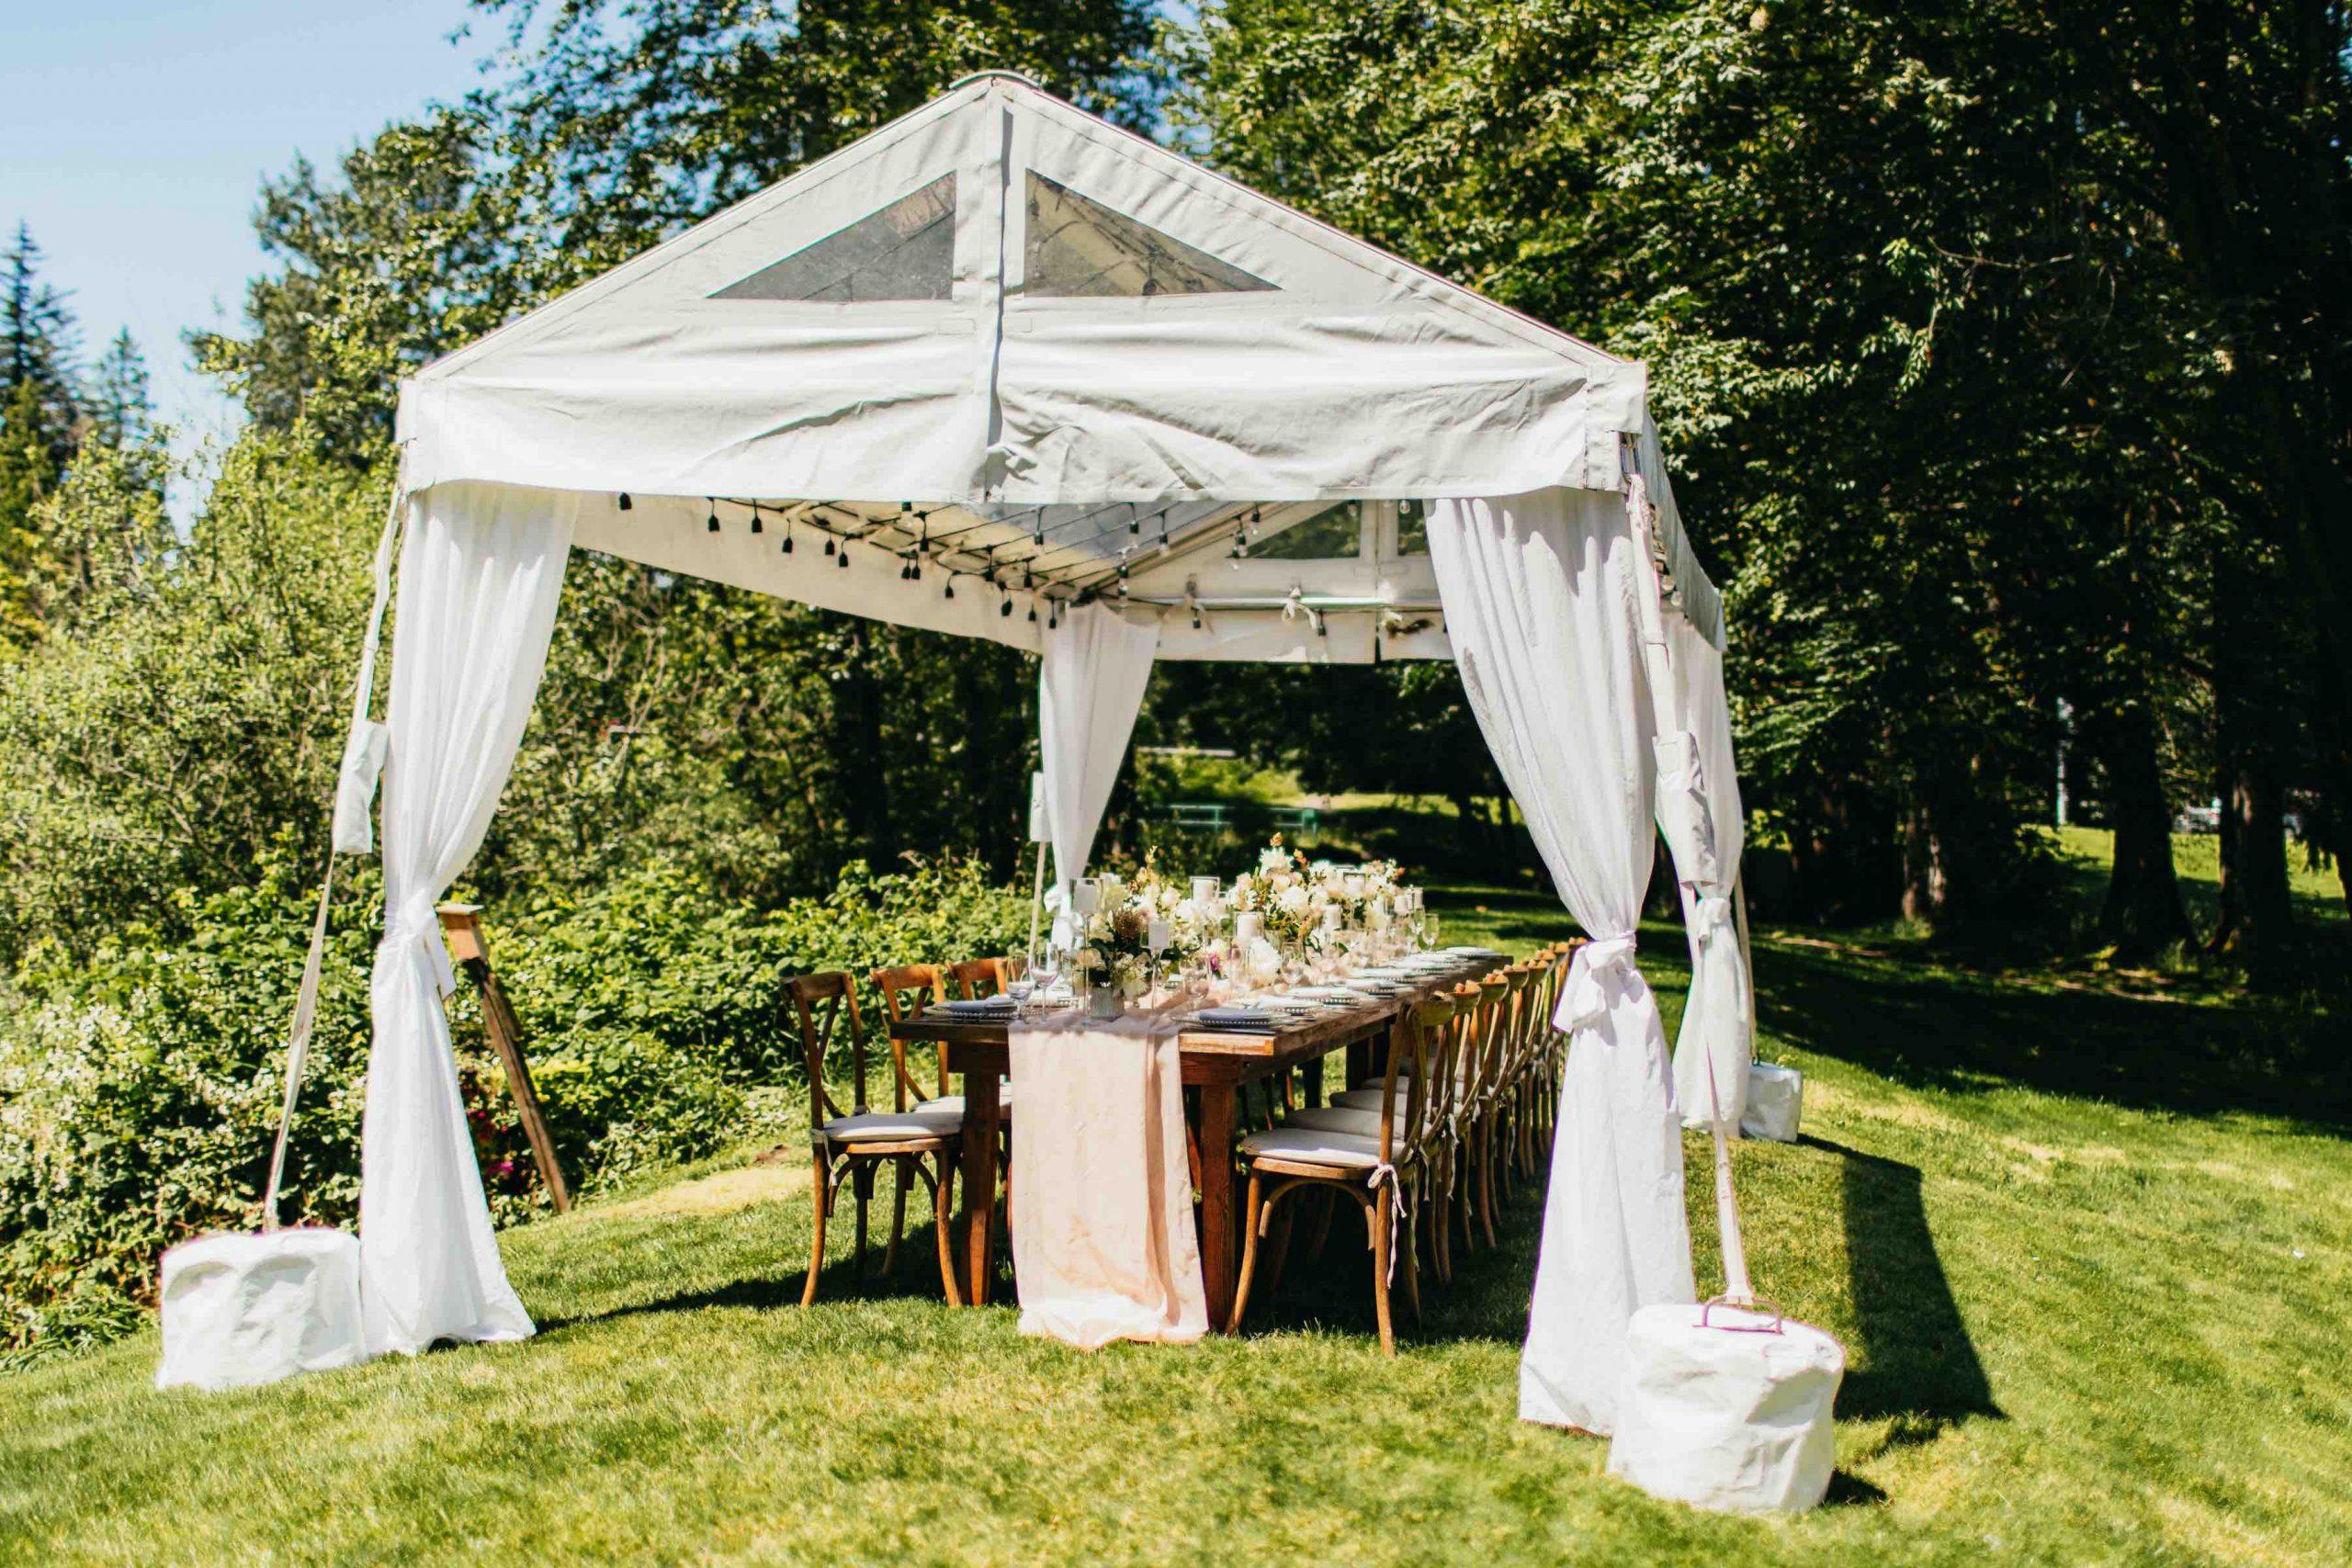 Moon River Suites Wedding Venue reception area